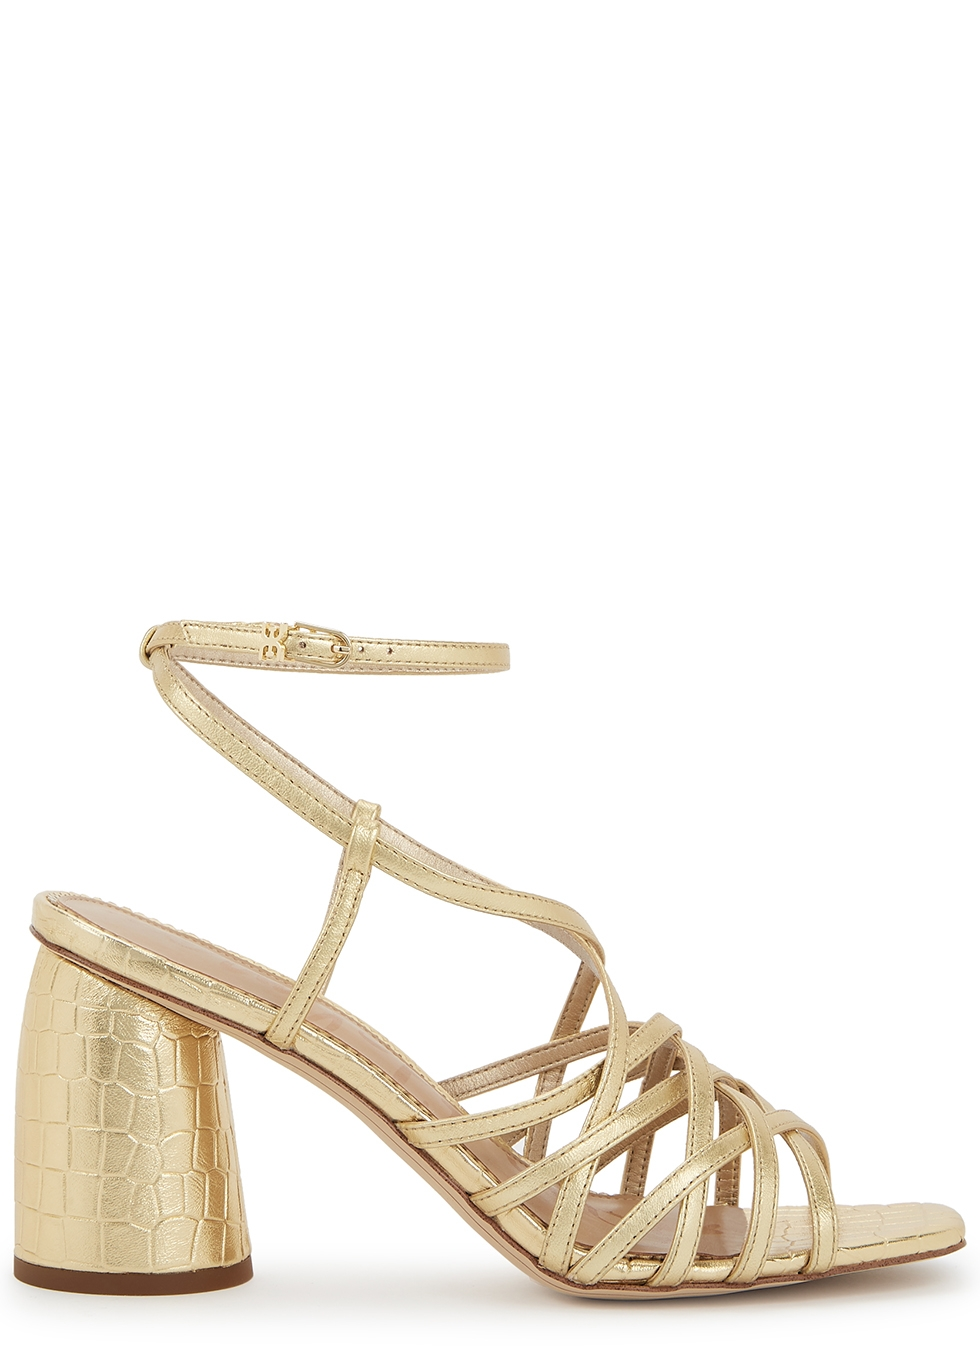 Daffodil 90 gold crocodile-effect sandals